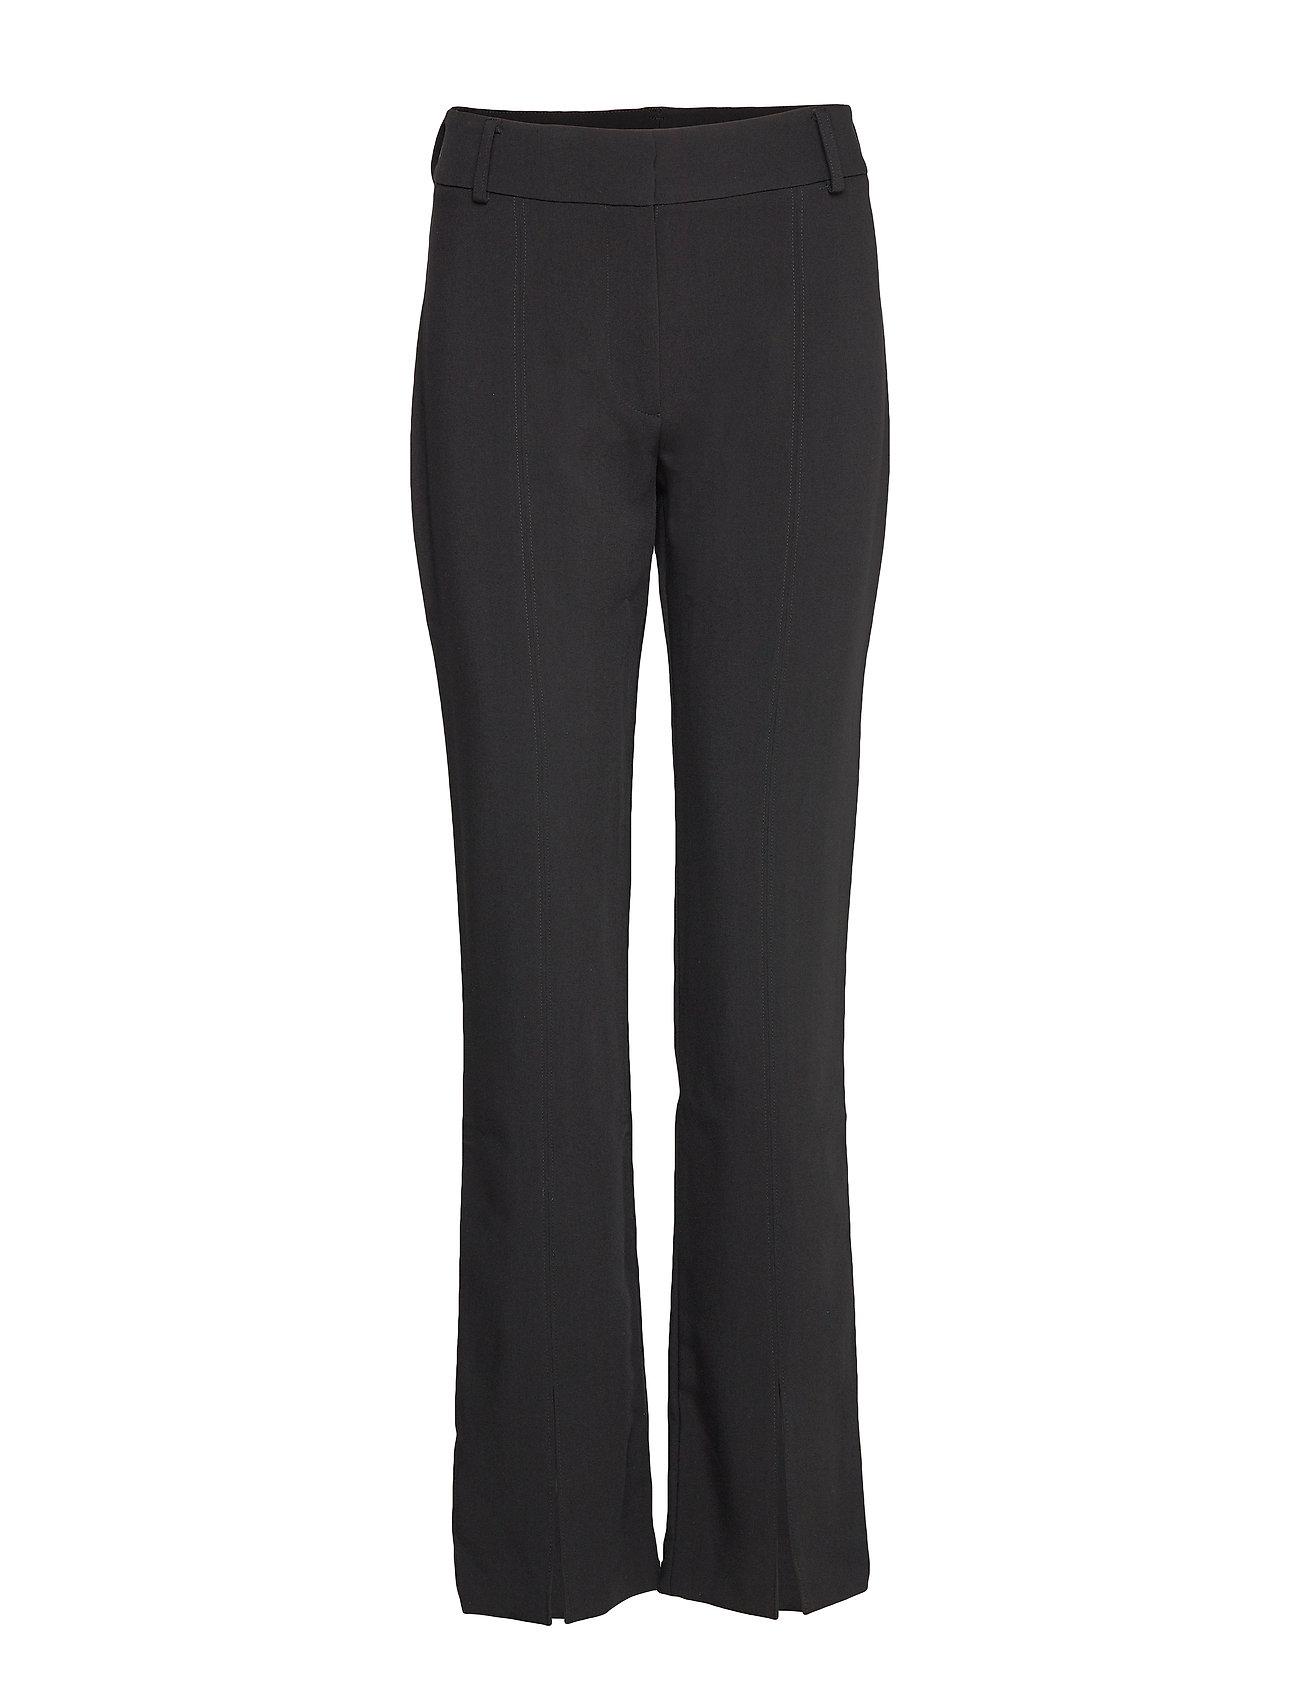 Samsøe & Samsøe Marion trousers 10441 - BLACK